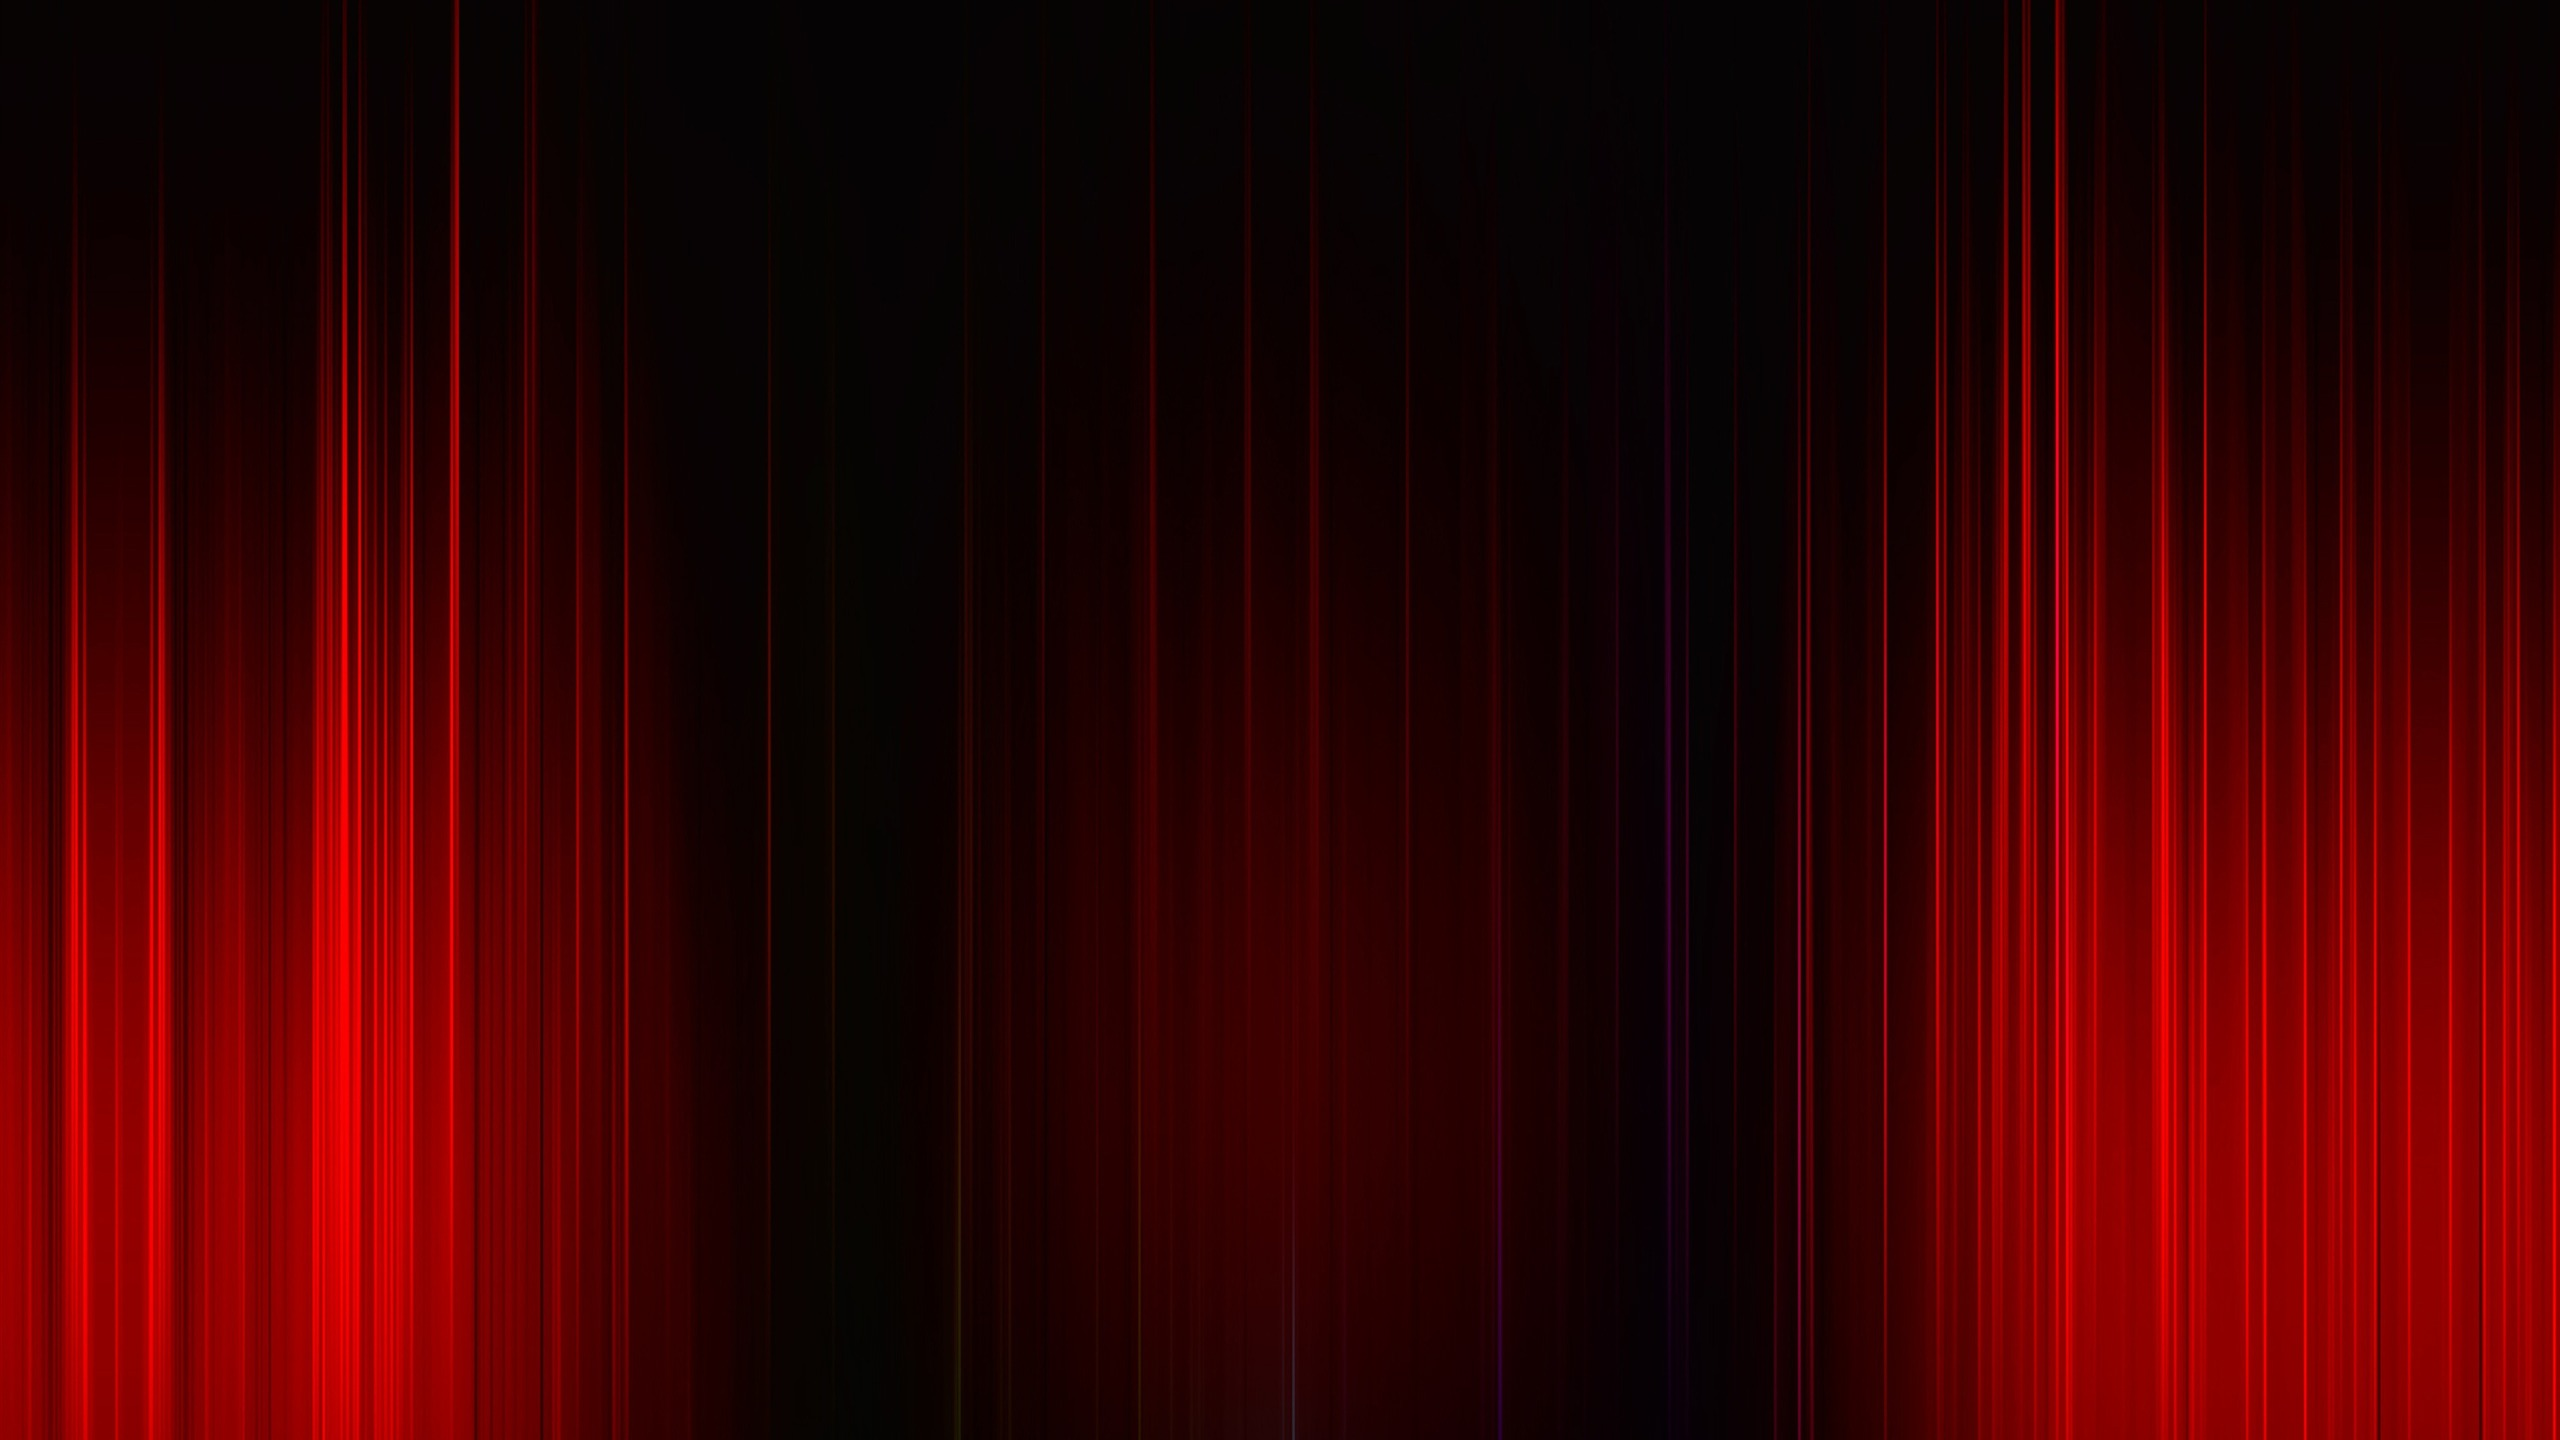 Rouge Rayons éblouissement Résumé Fond Noir Aperçu